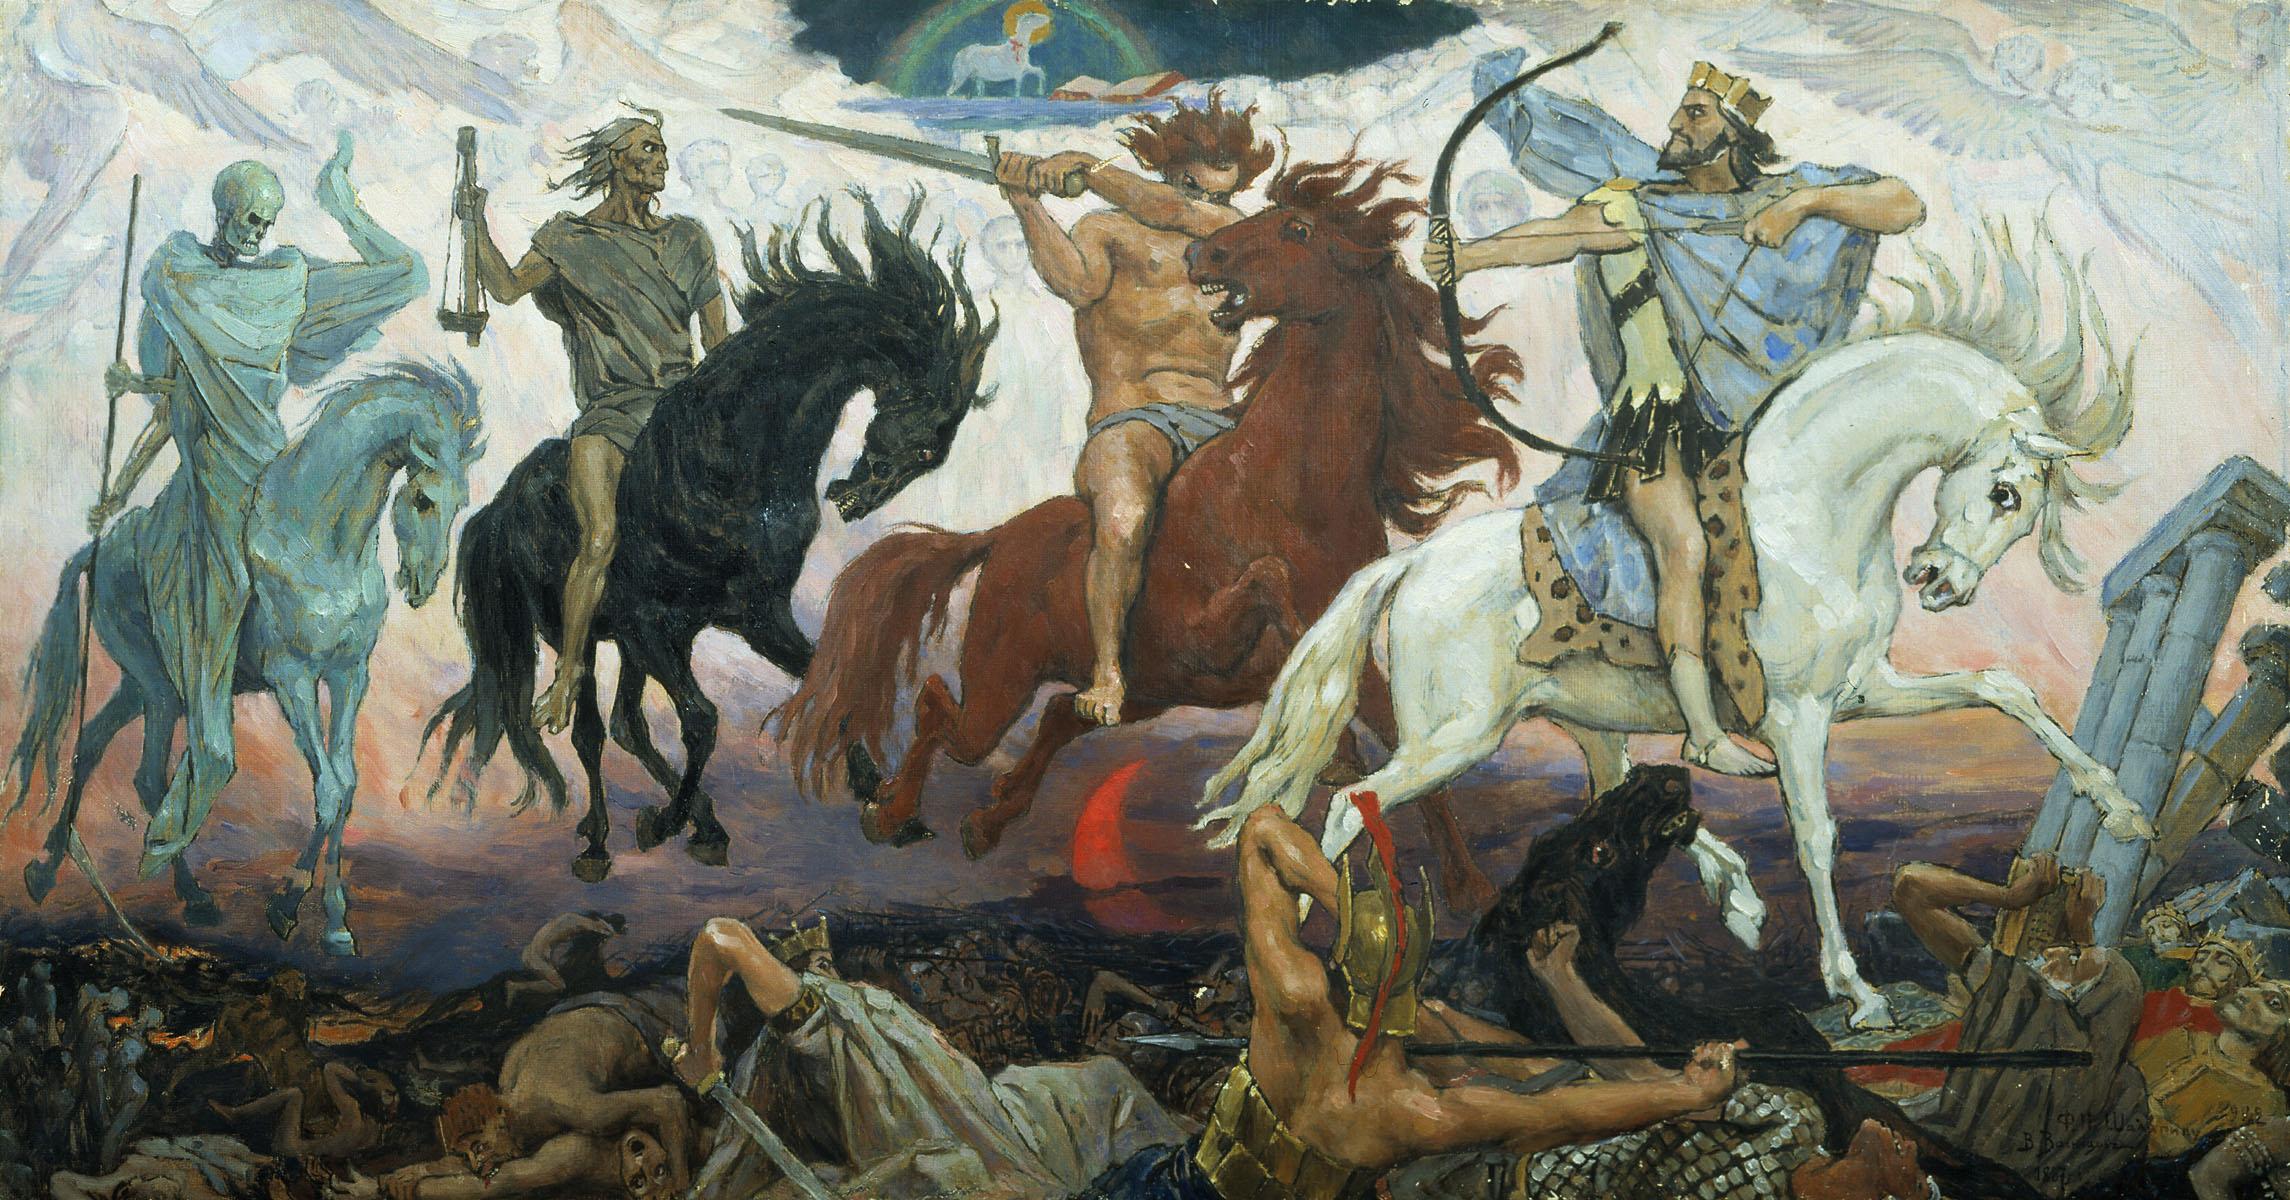 Los cuatro jinetes del apocalipsis. Fuente Wikipedia.